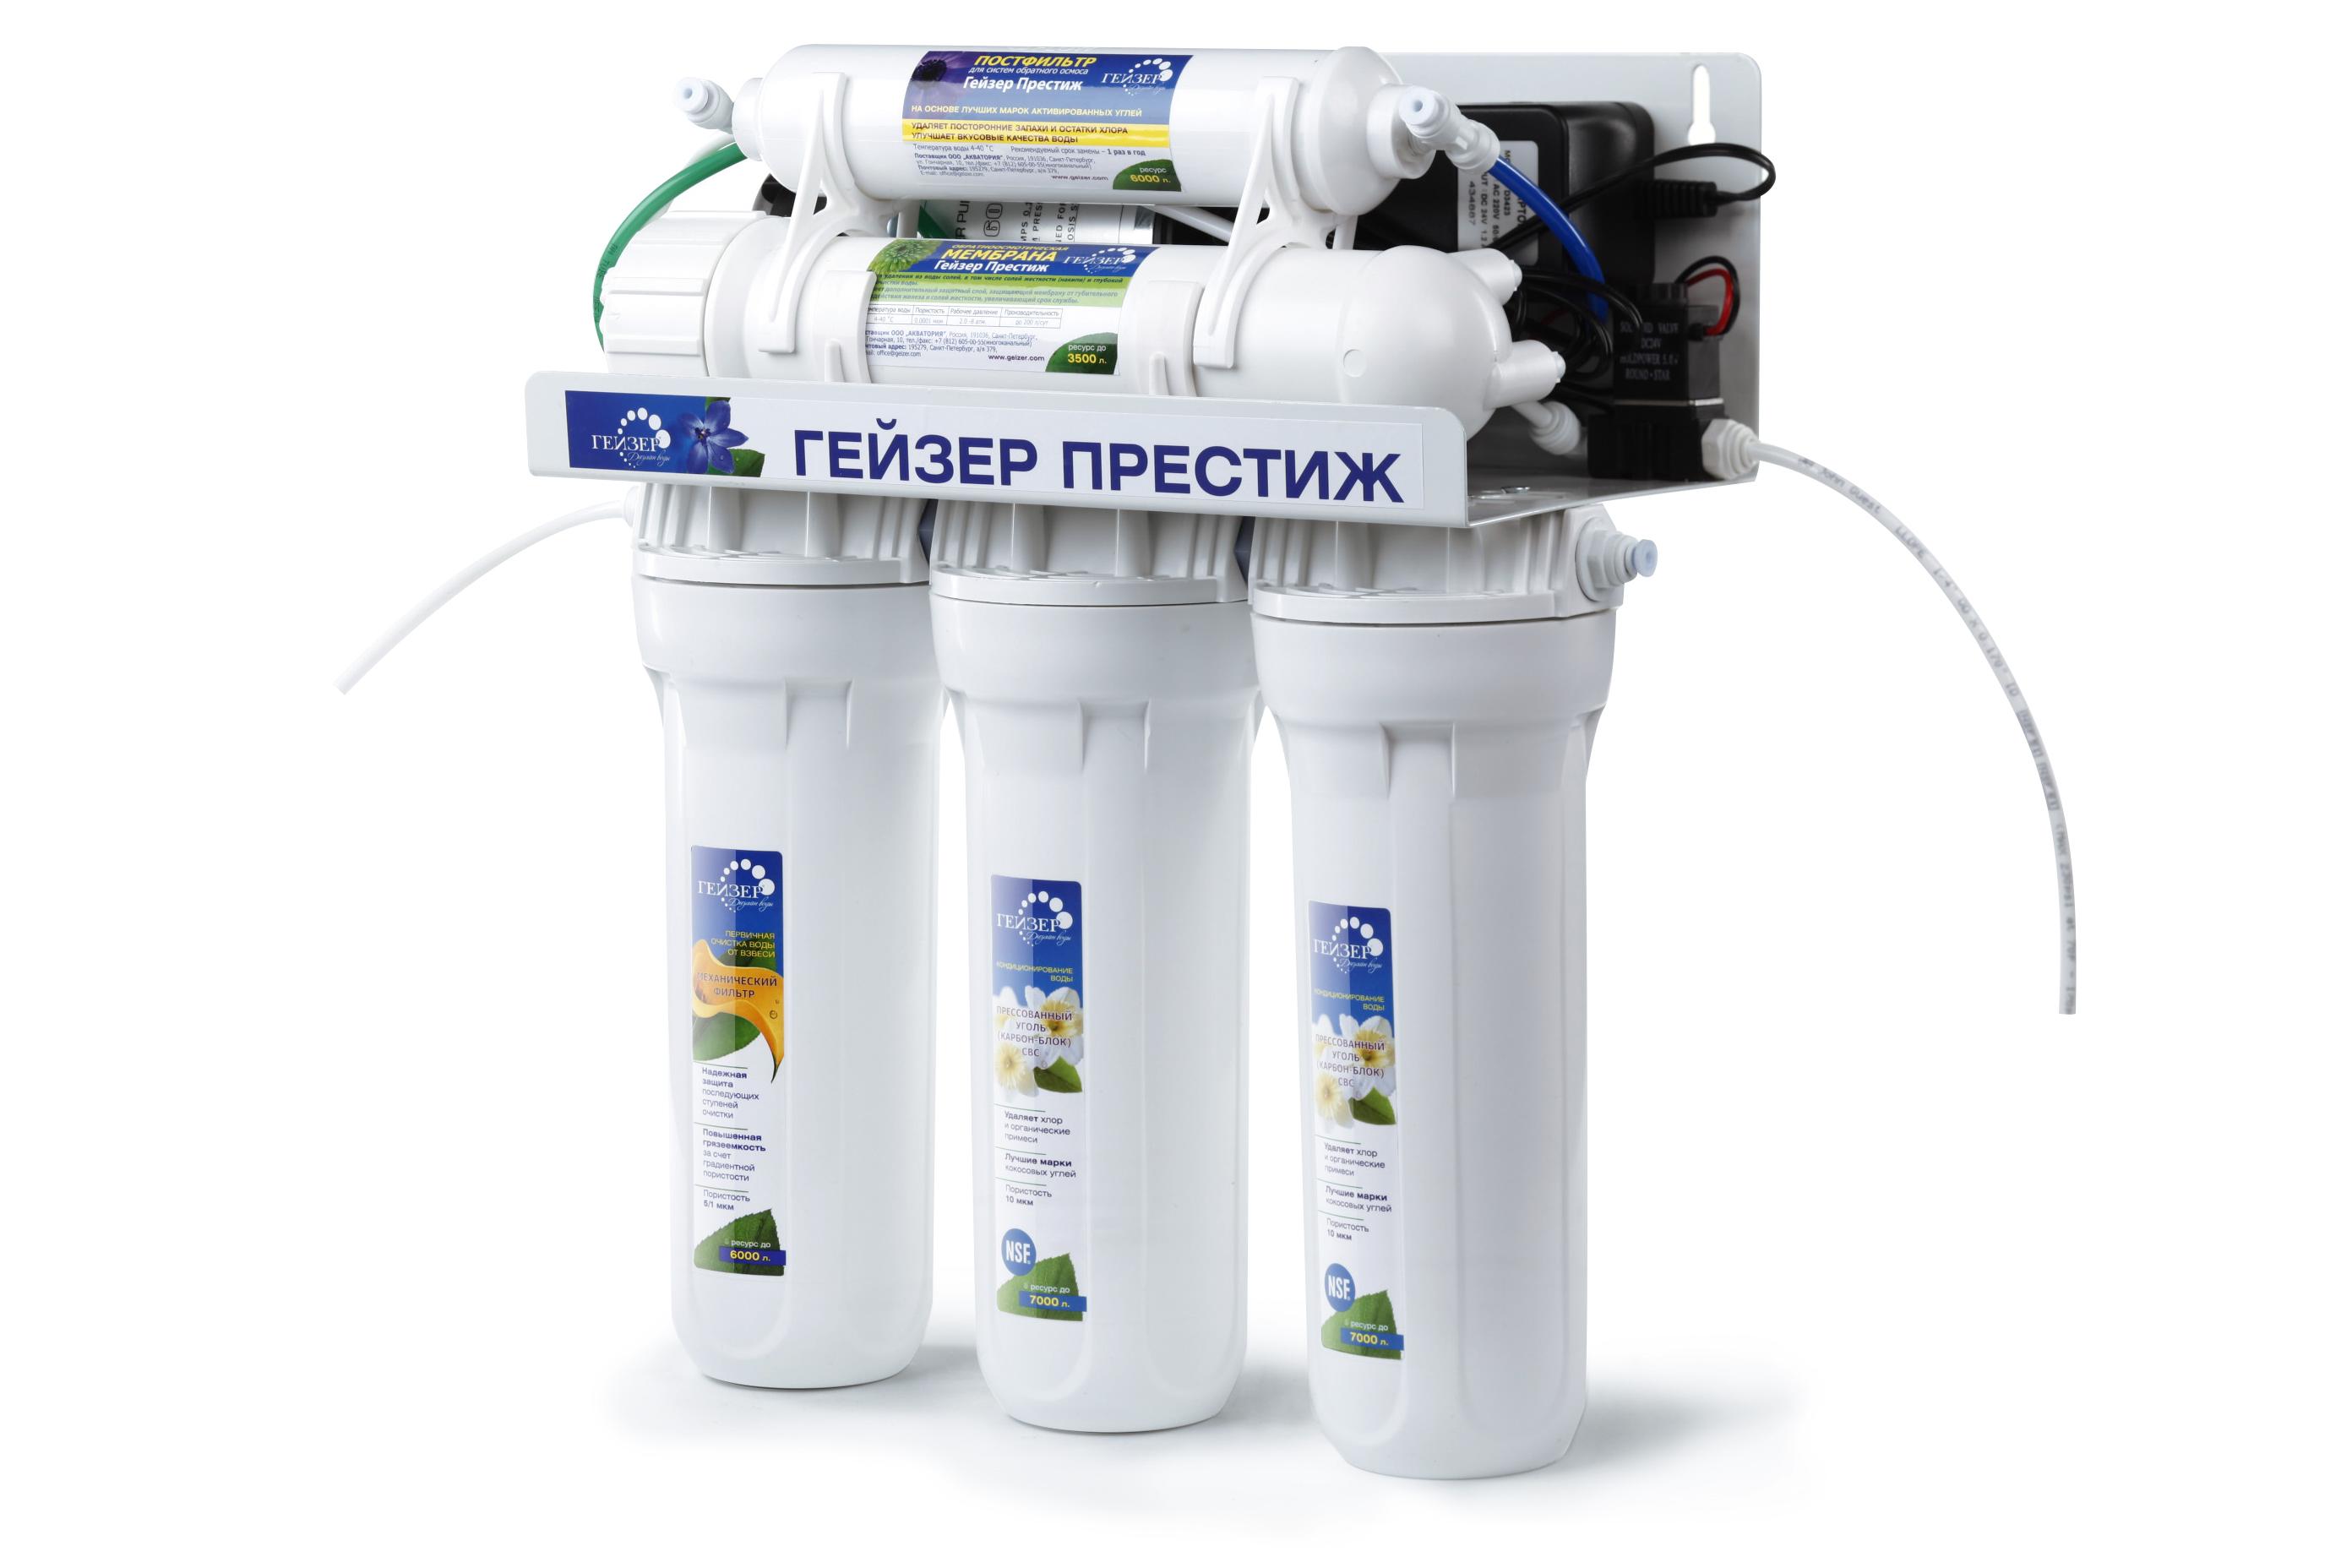 Фильтр для очистки воды ГЕЙЗЕР Престиж 7.6л